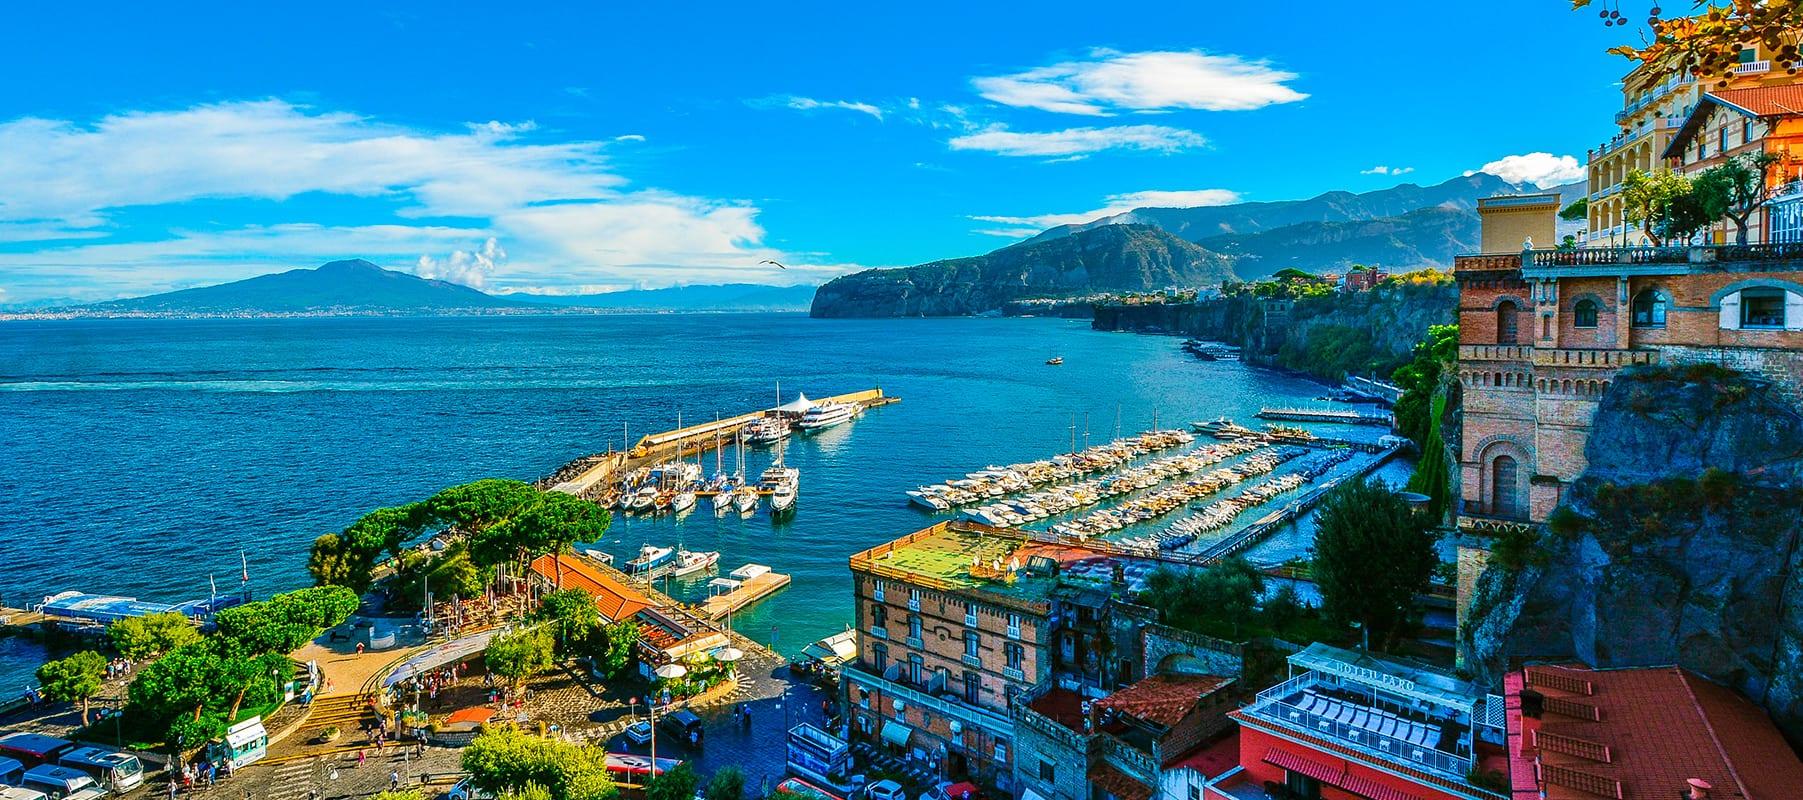 Veneza A Roma Com Costa Amalfitana Versão Premium Plus